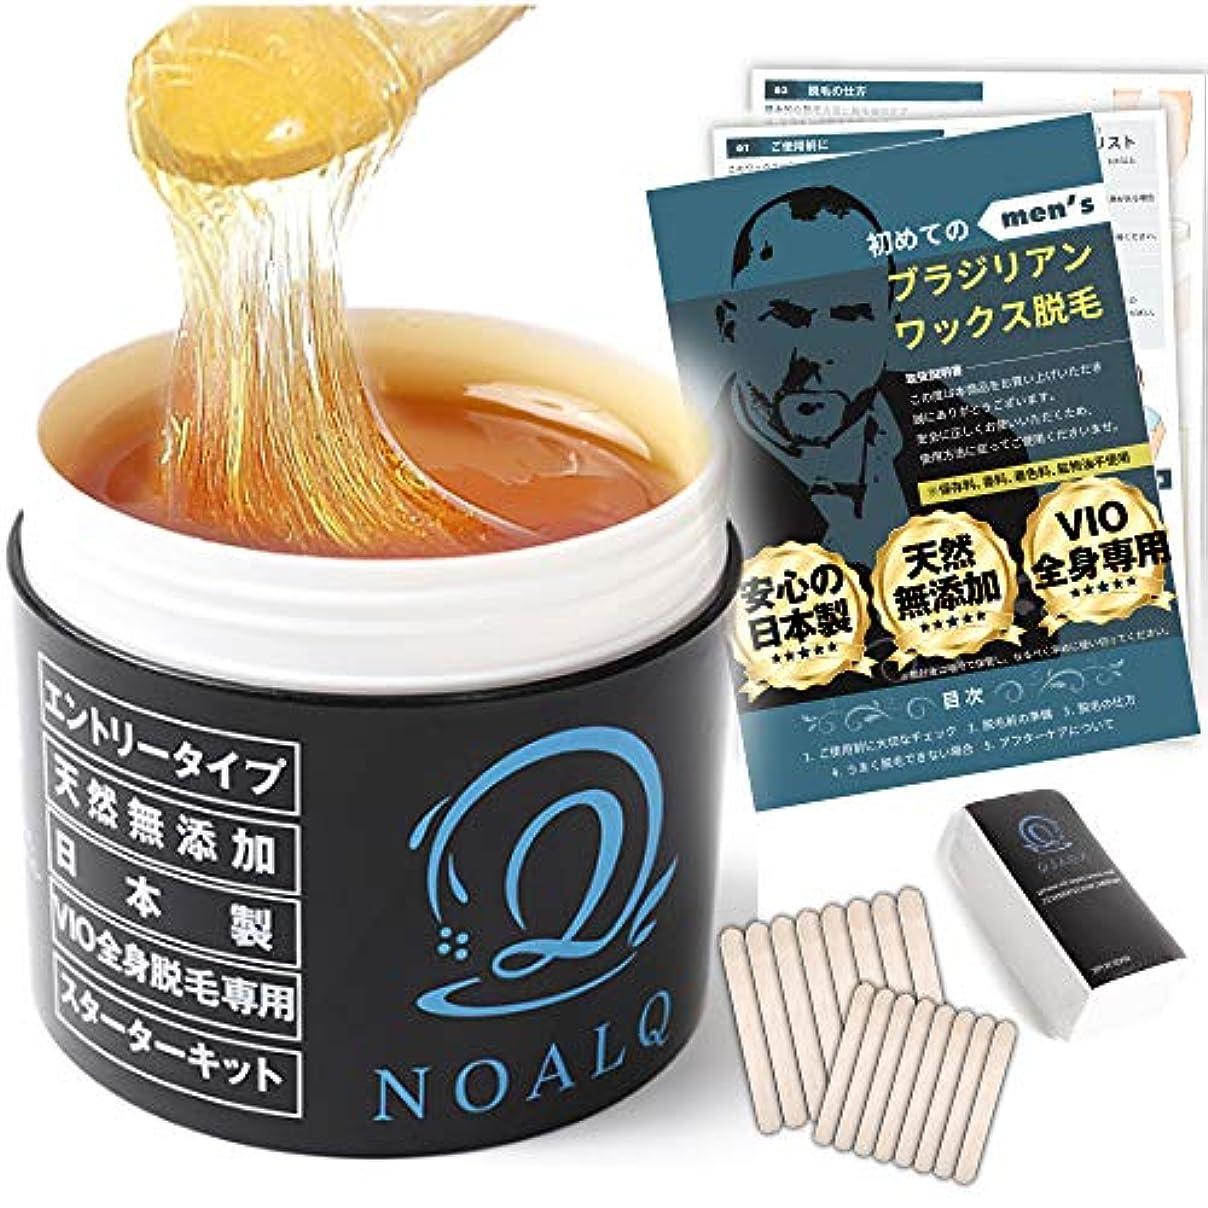 任命助言する満たすNOALQ(ノアルク) ブラジリアンワックス エントリータイプ 天然無添加素材 純国産100% VIO 全身脱毛専用 スターターキット